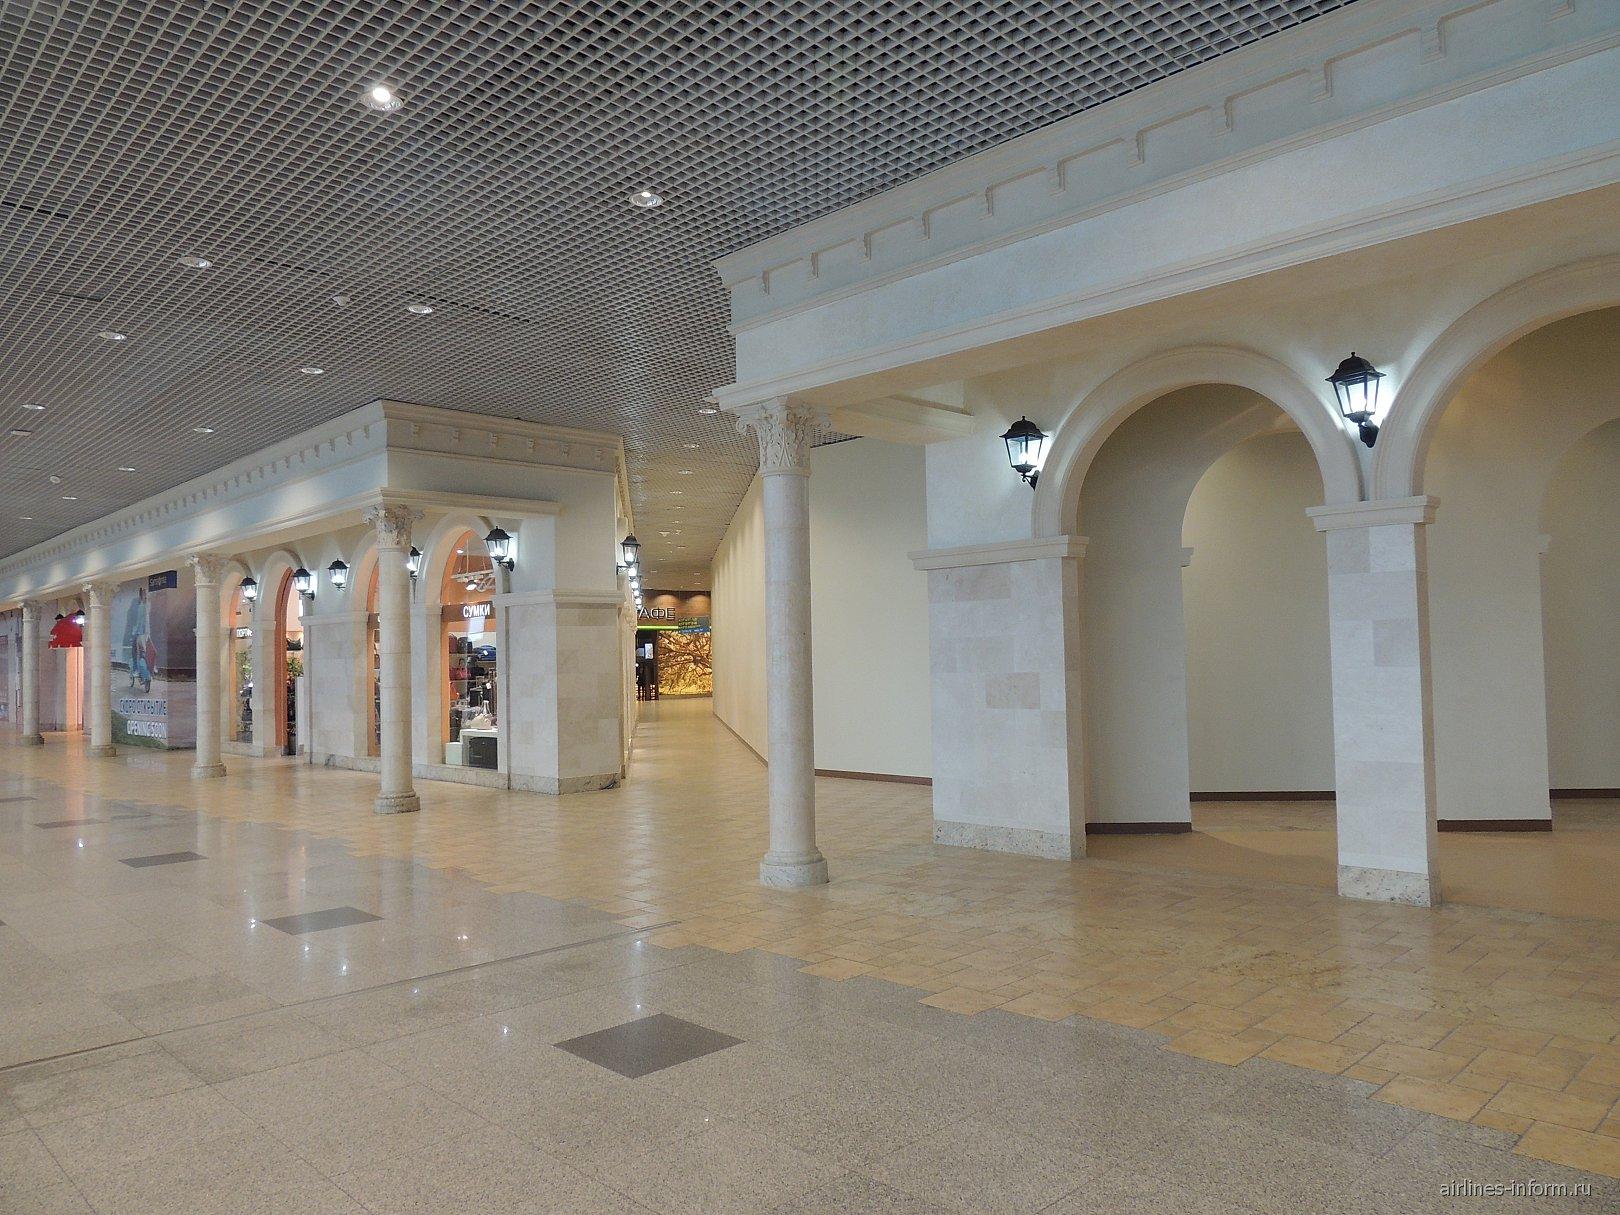 Зона кафе и магазинов на 2-м этаже терминала аэропорта Домодедово